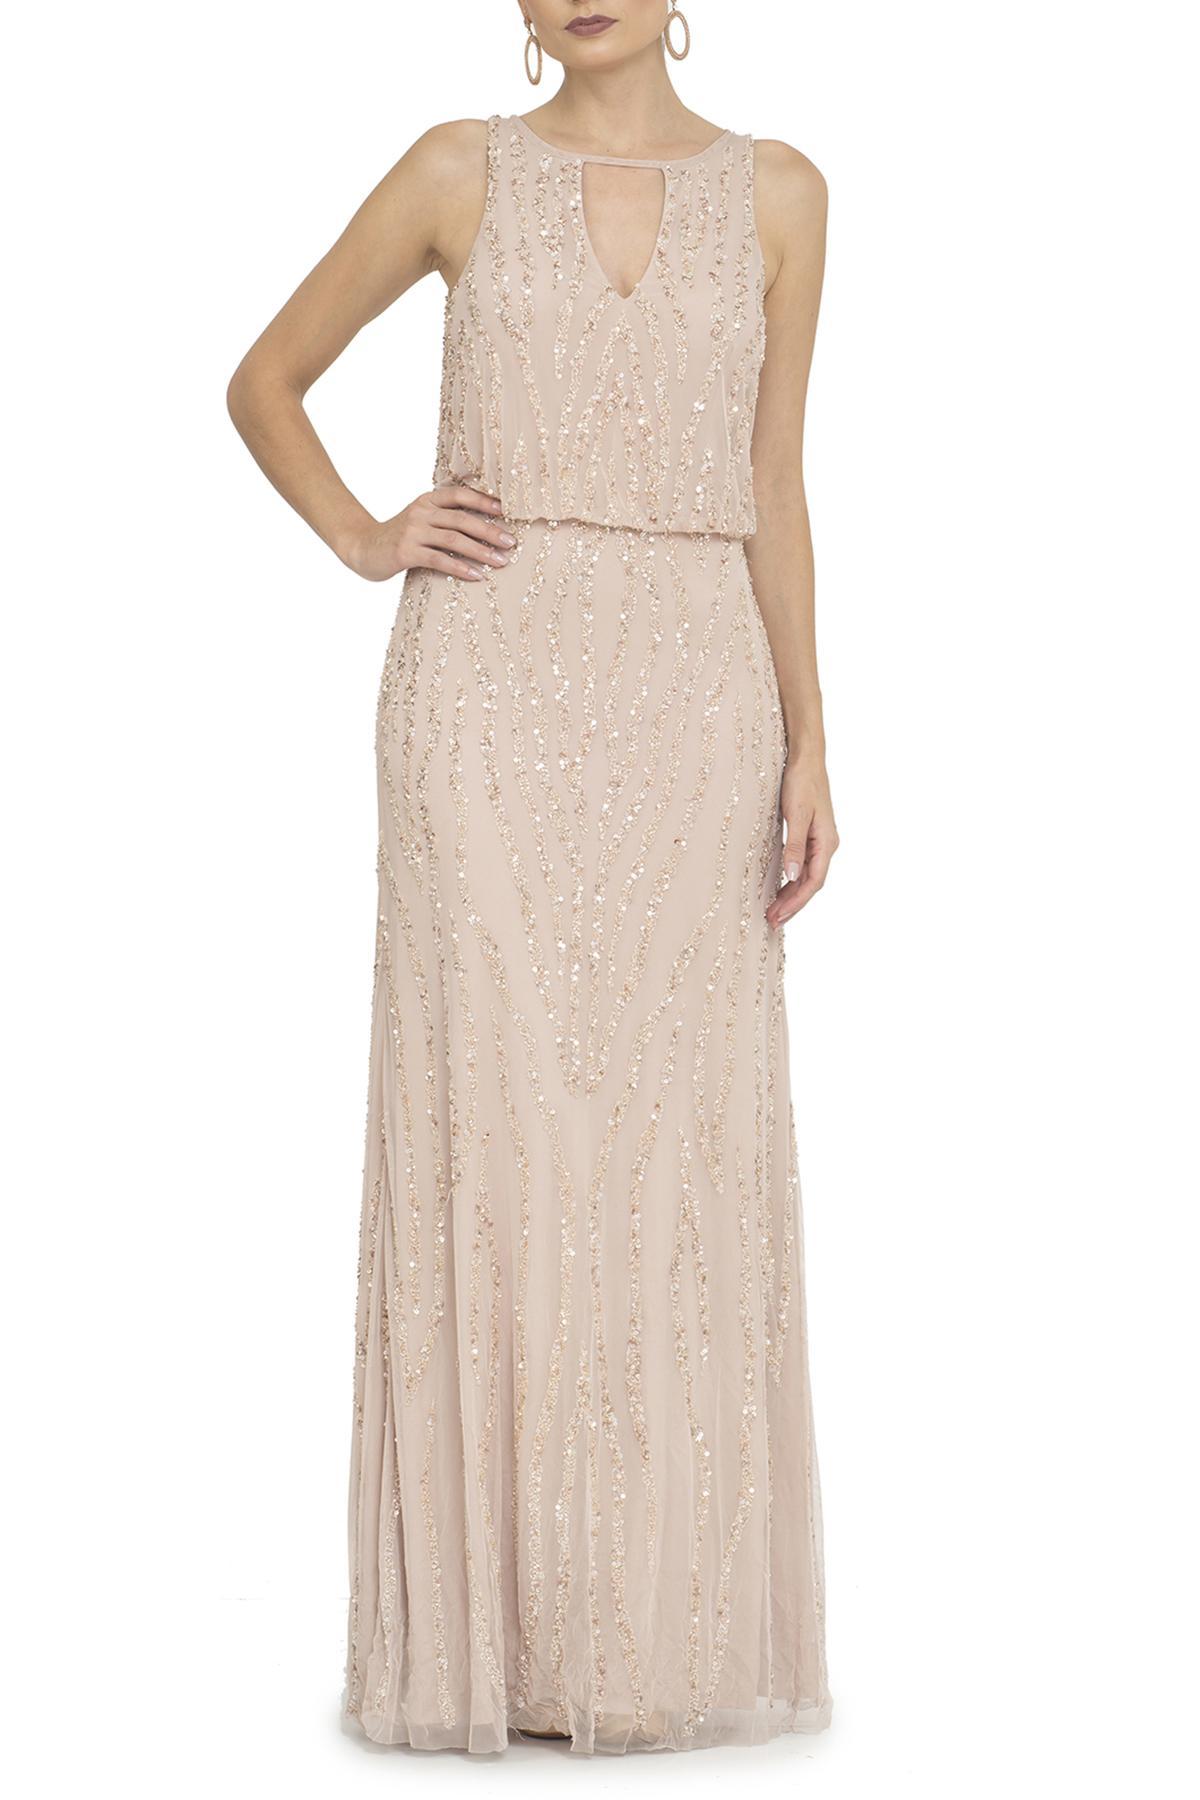 Vestido Margaery